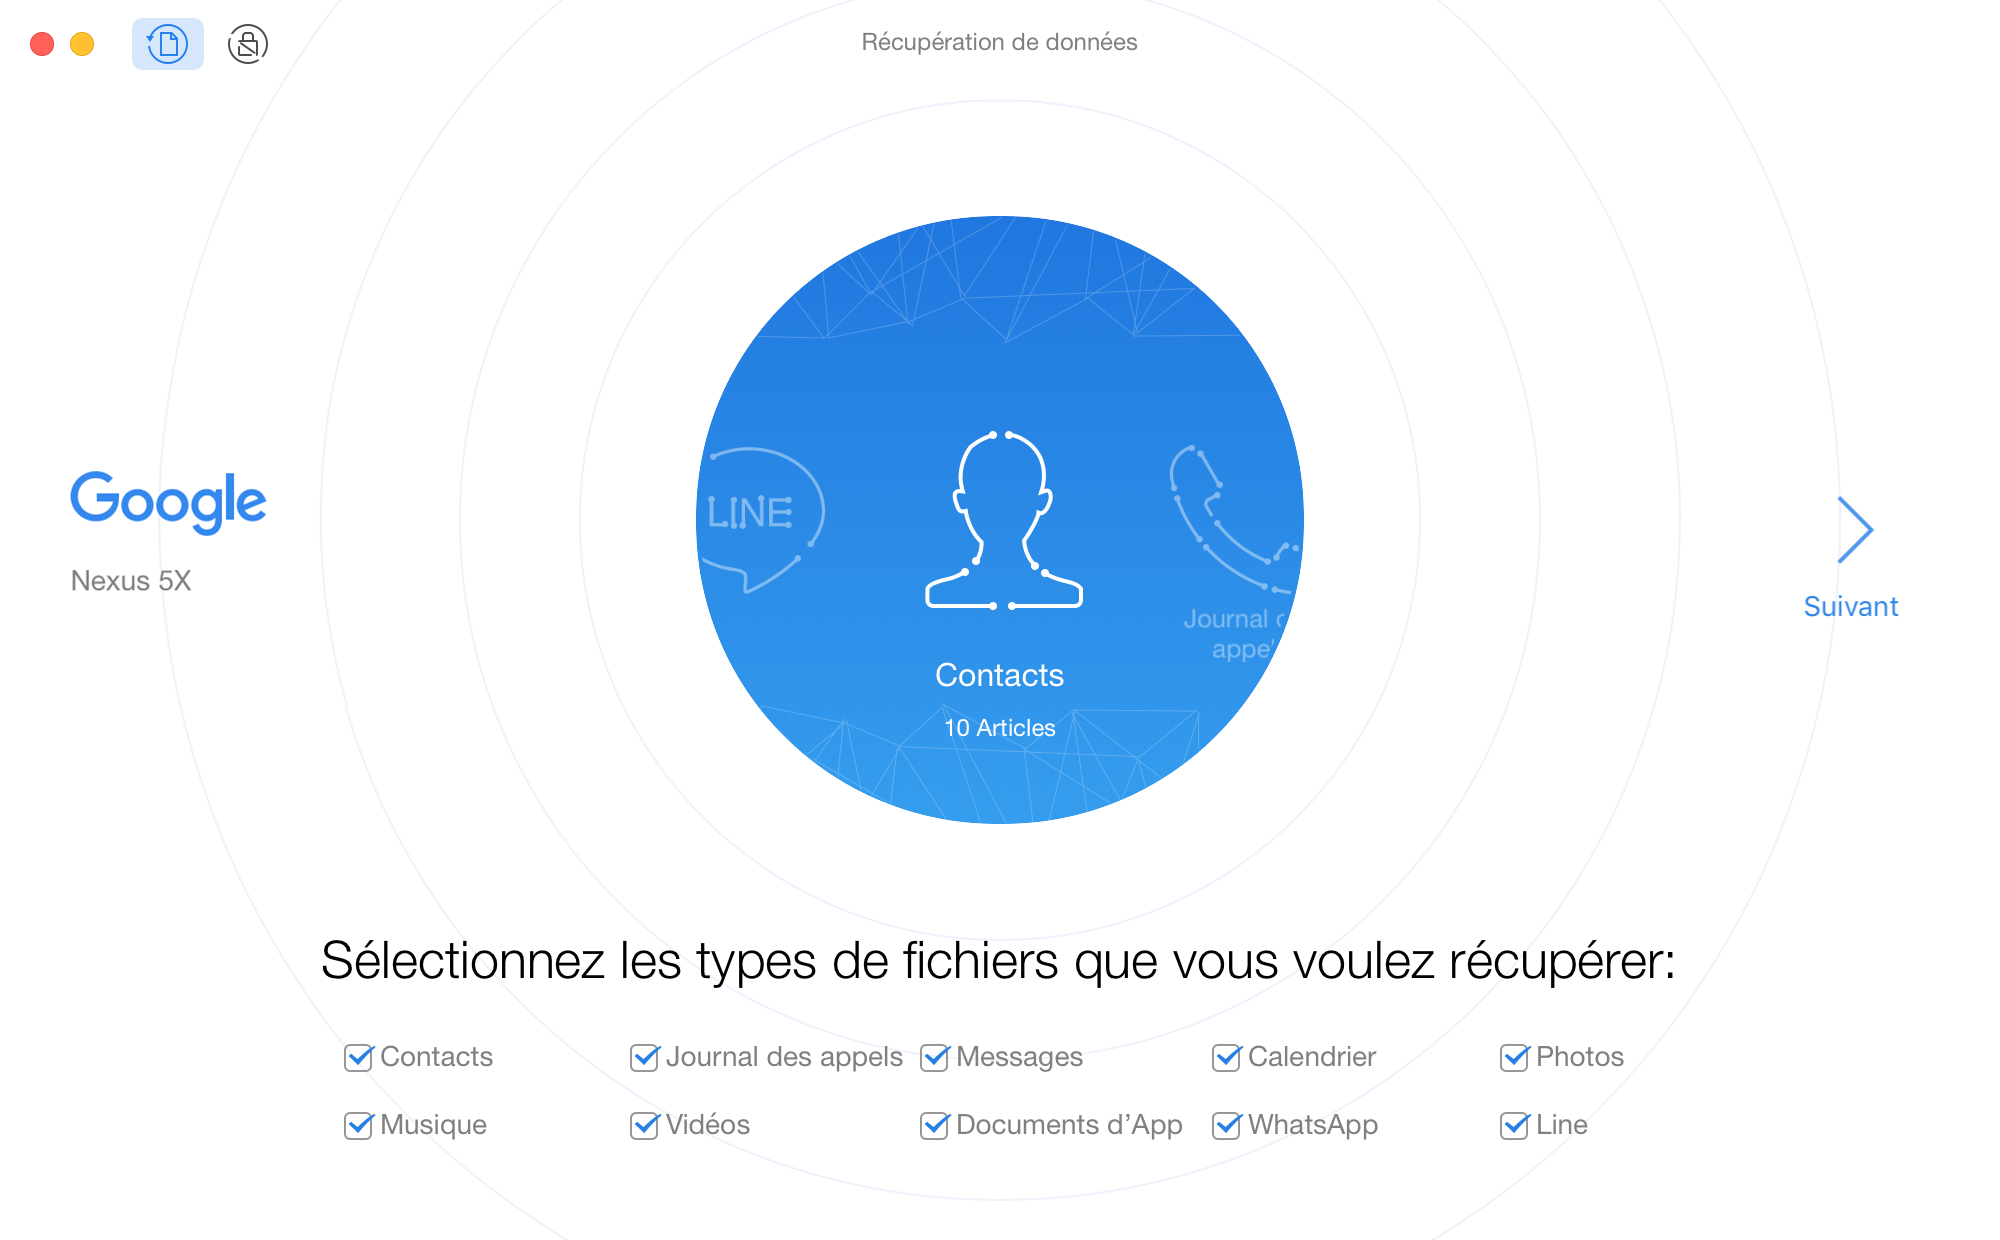 L'interface principale de PhoneRescue pour Google